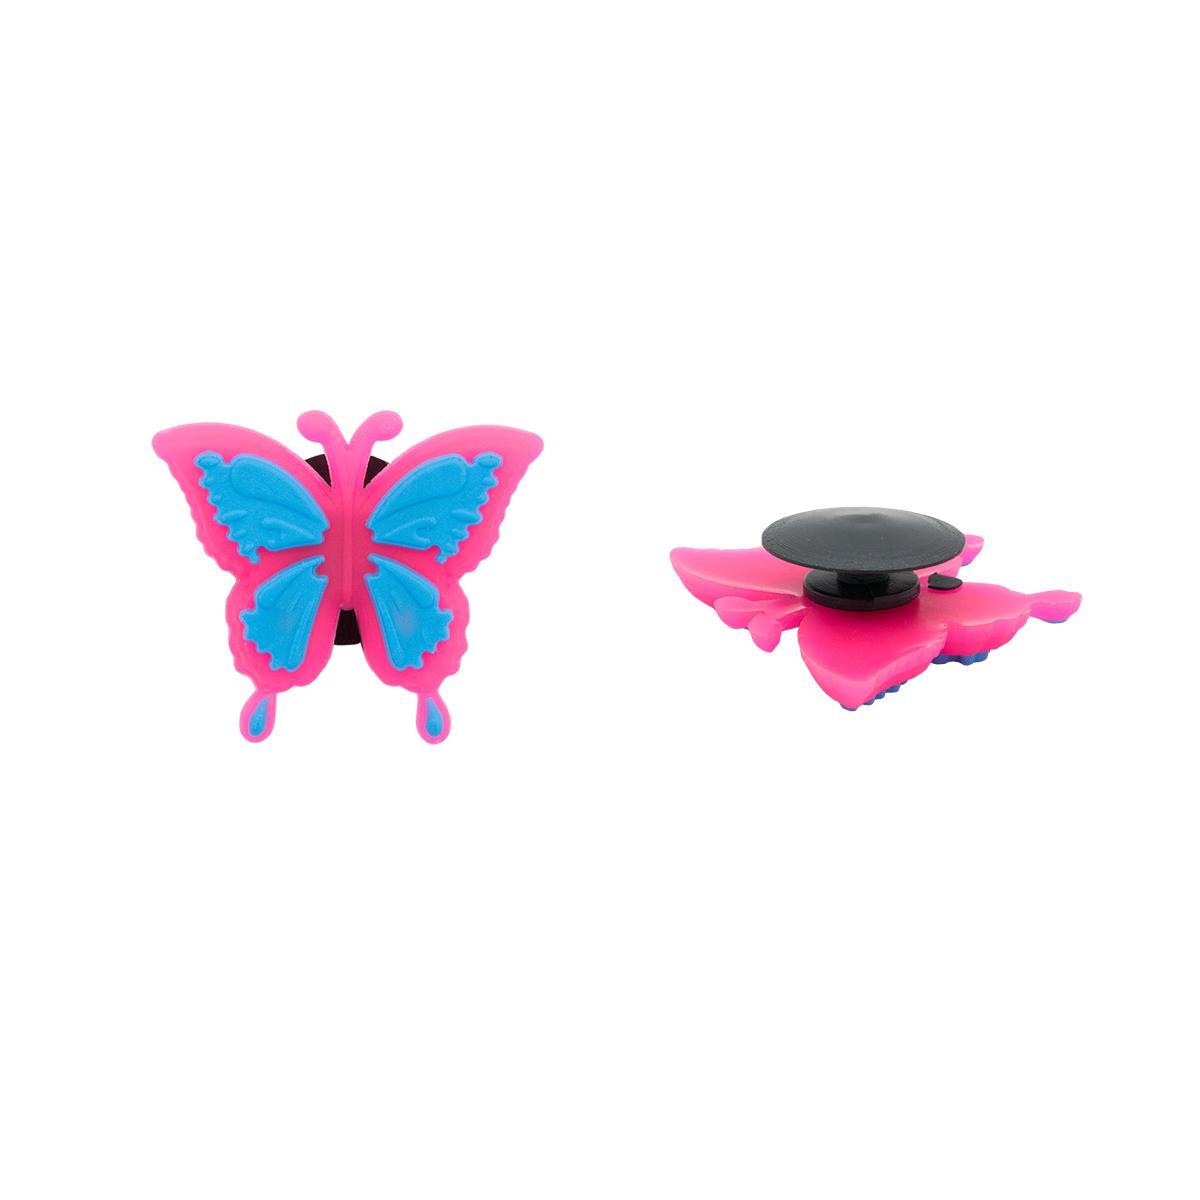 Украшение для обуви и сумок «Бабочка» (розово-голубой)